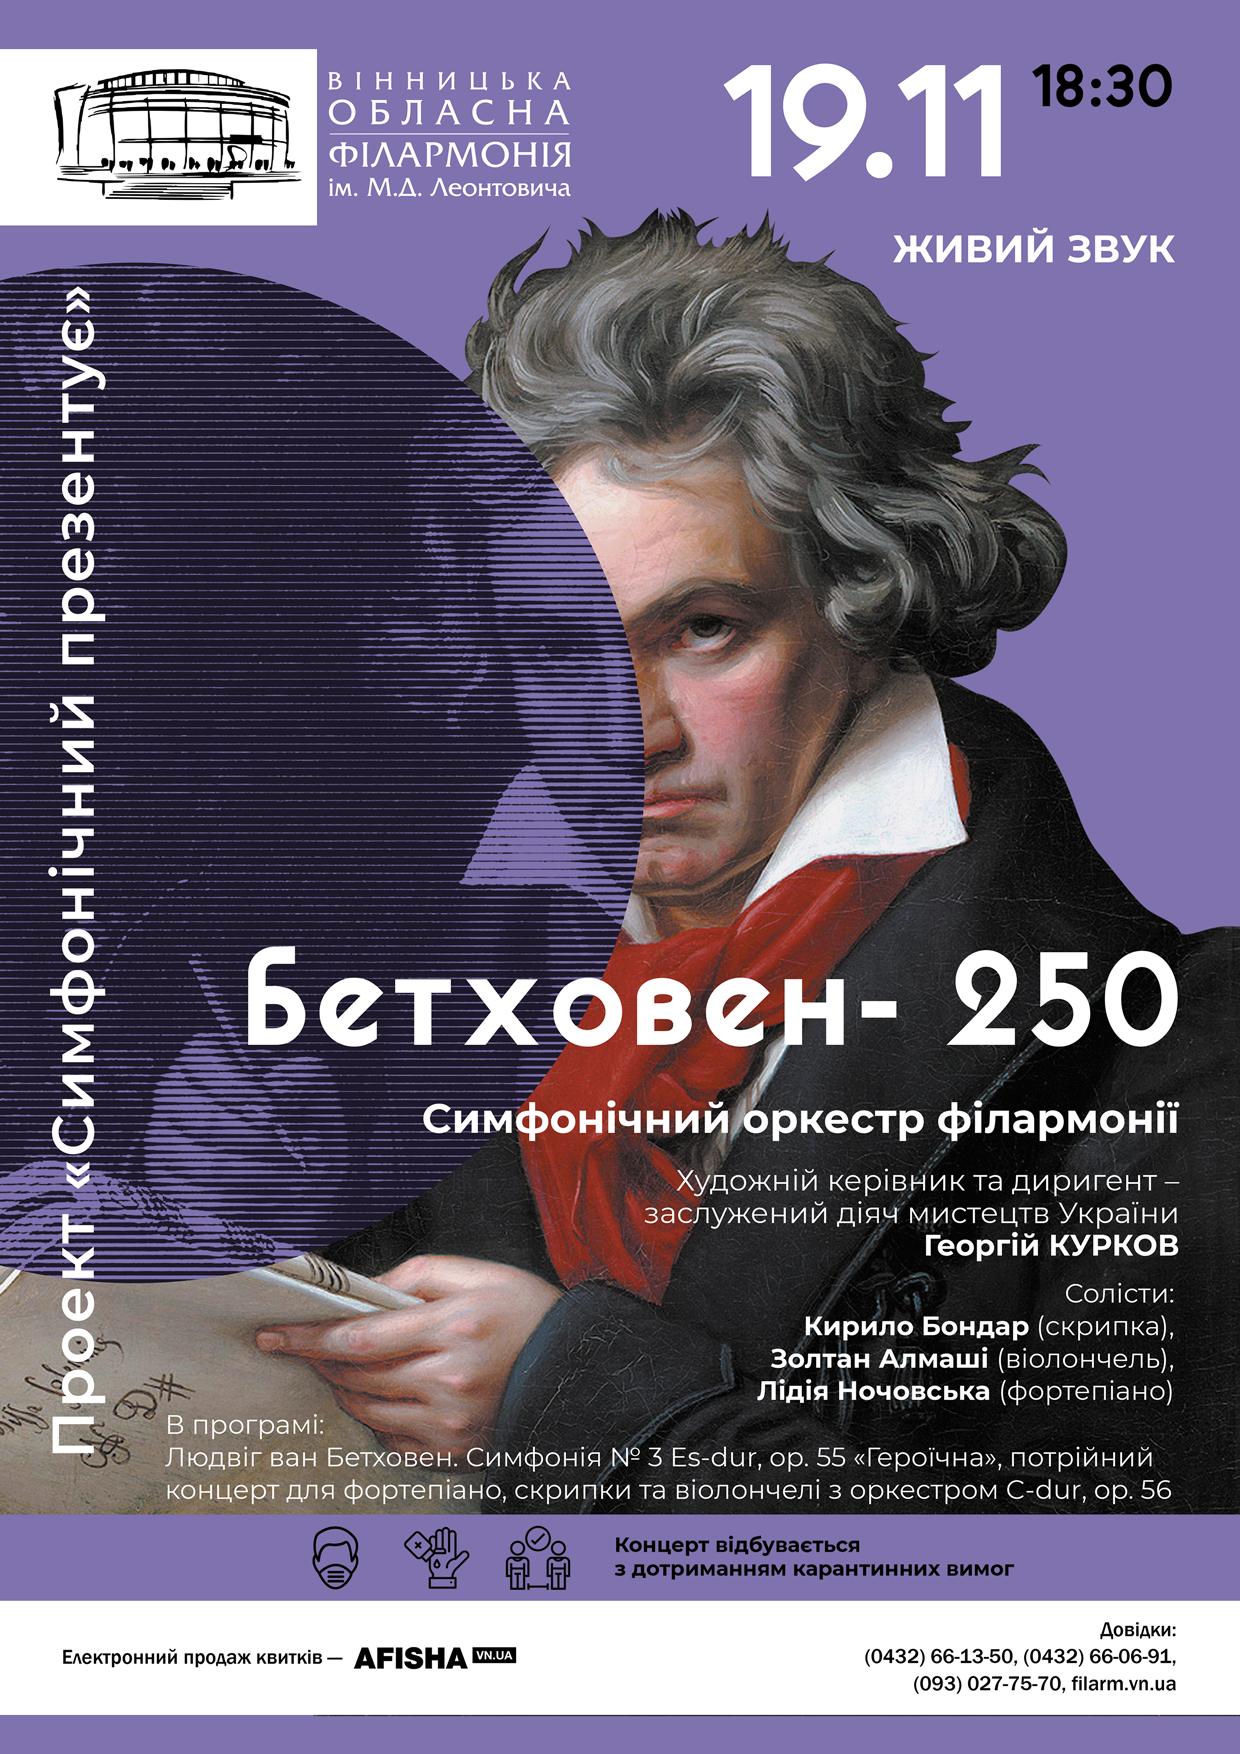 Бетховен-250. афіша